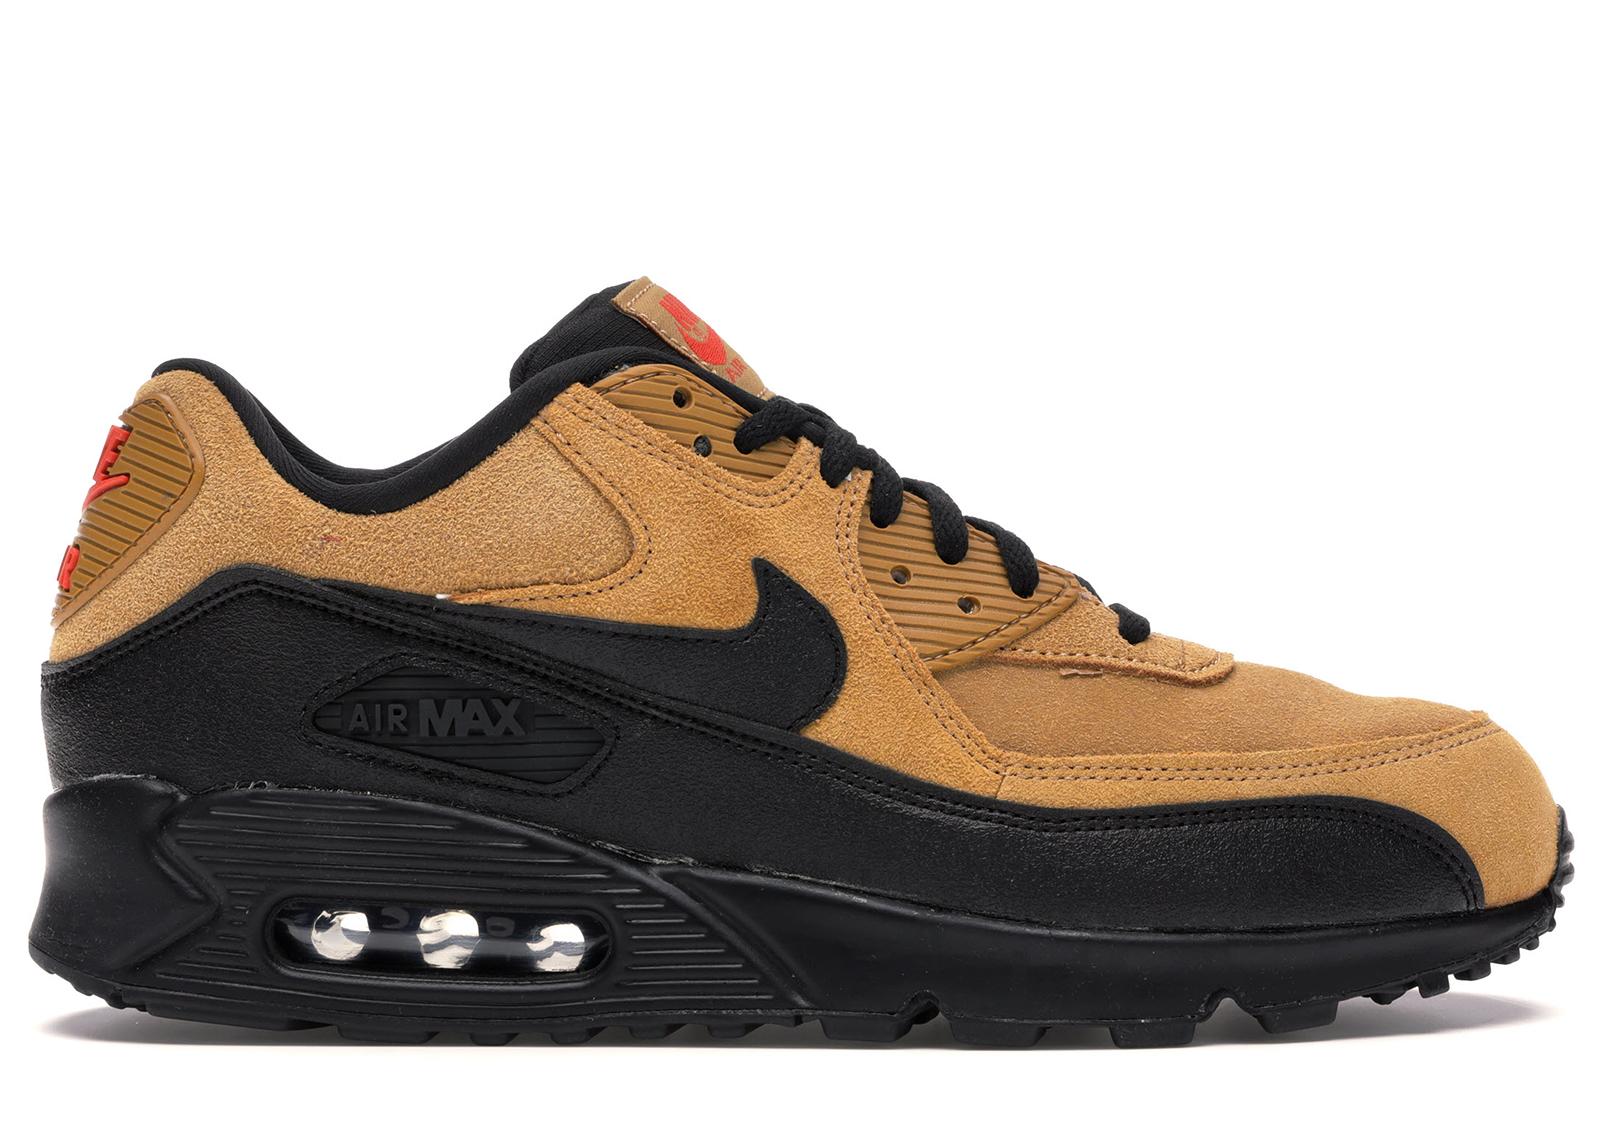 Nike Air Max 90 Wheat Black